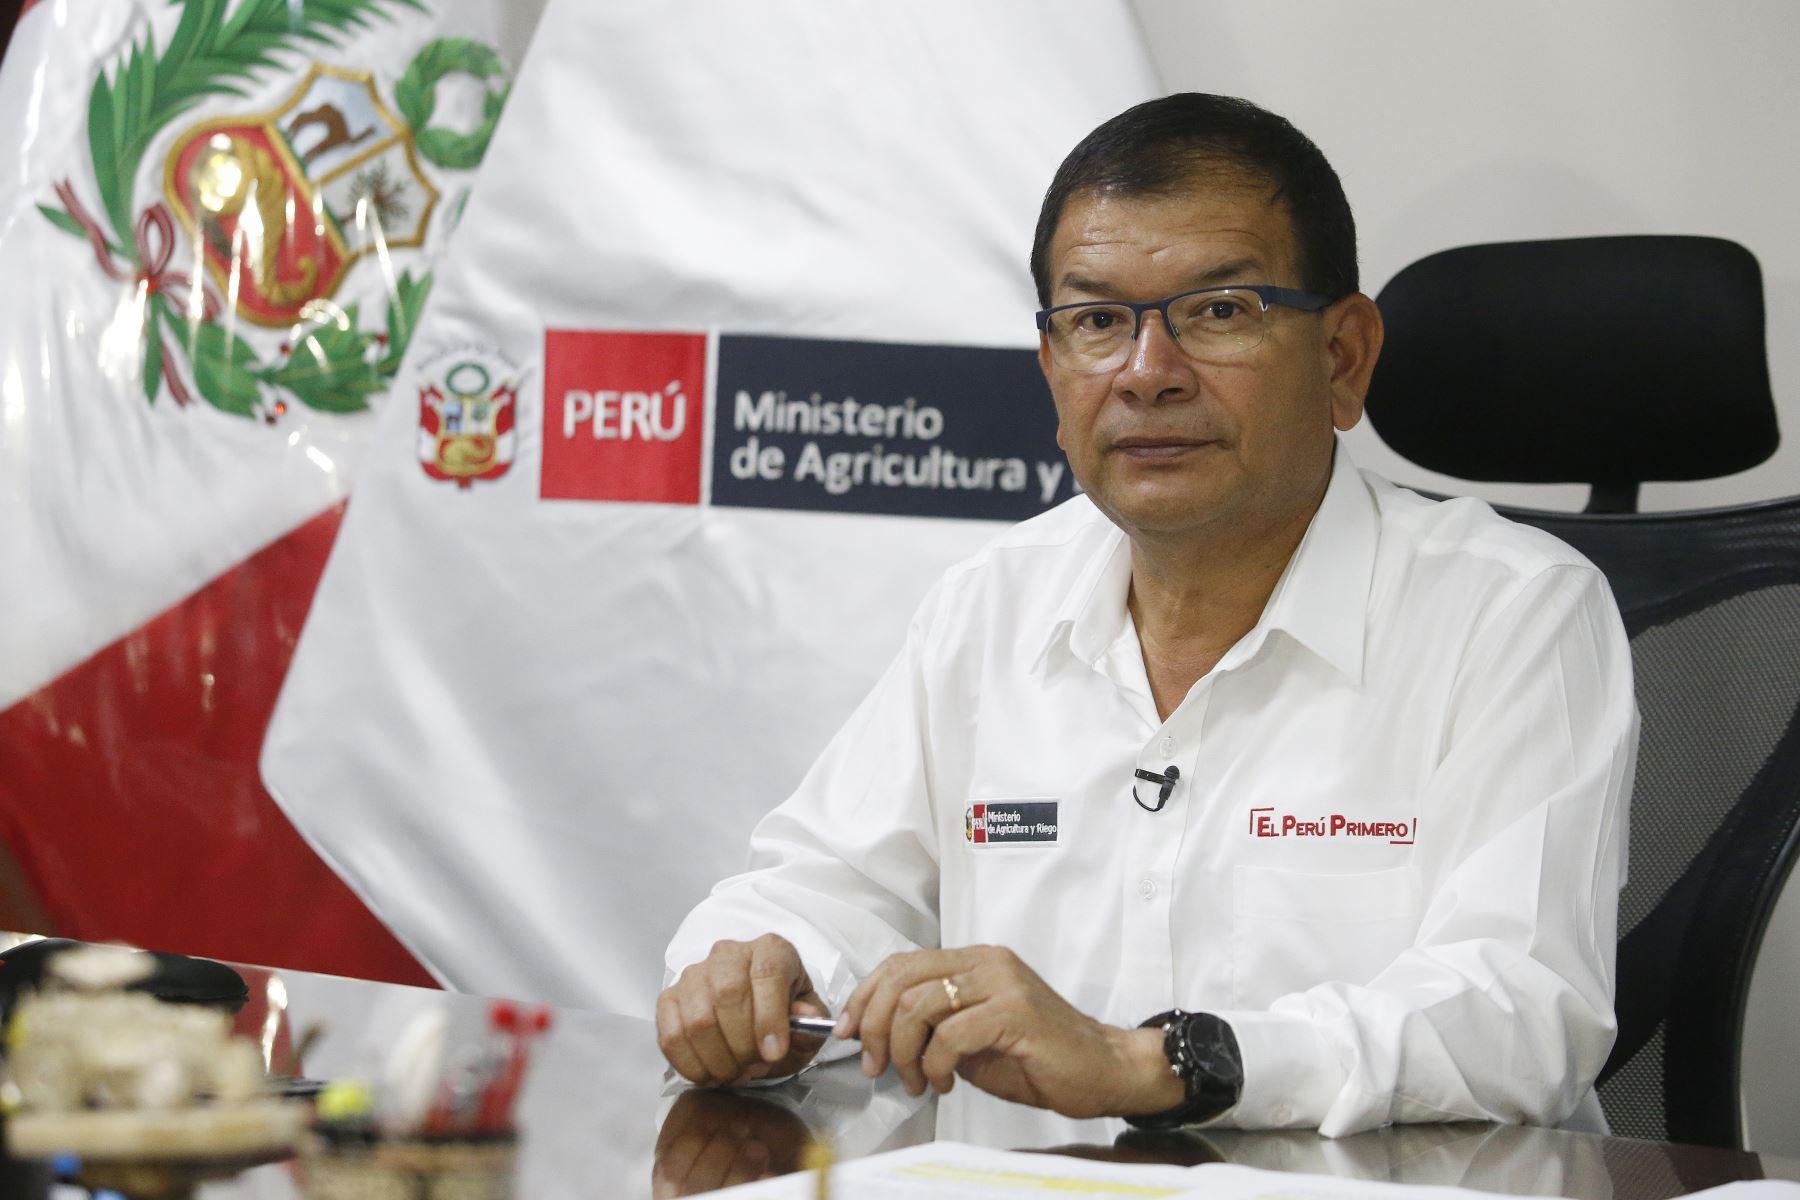 Ministro de Agricultura y Riego, Jorge Montenegro.Foto: ANDINA/Eddy Ramos